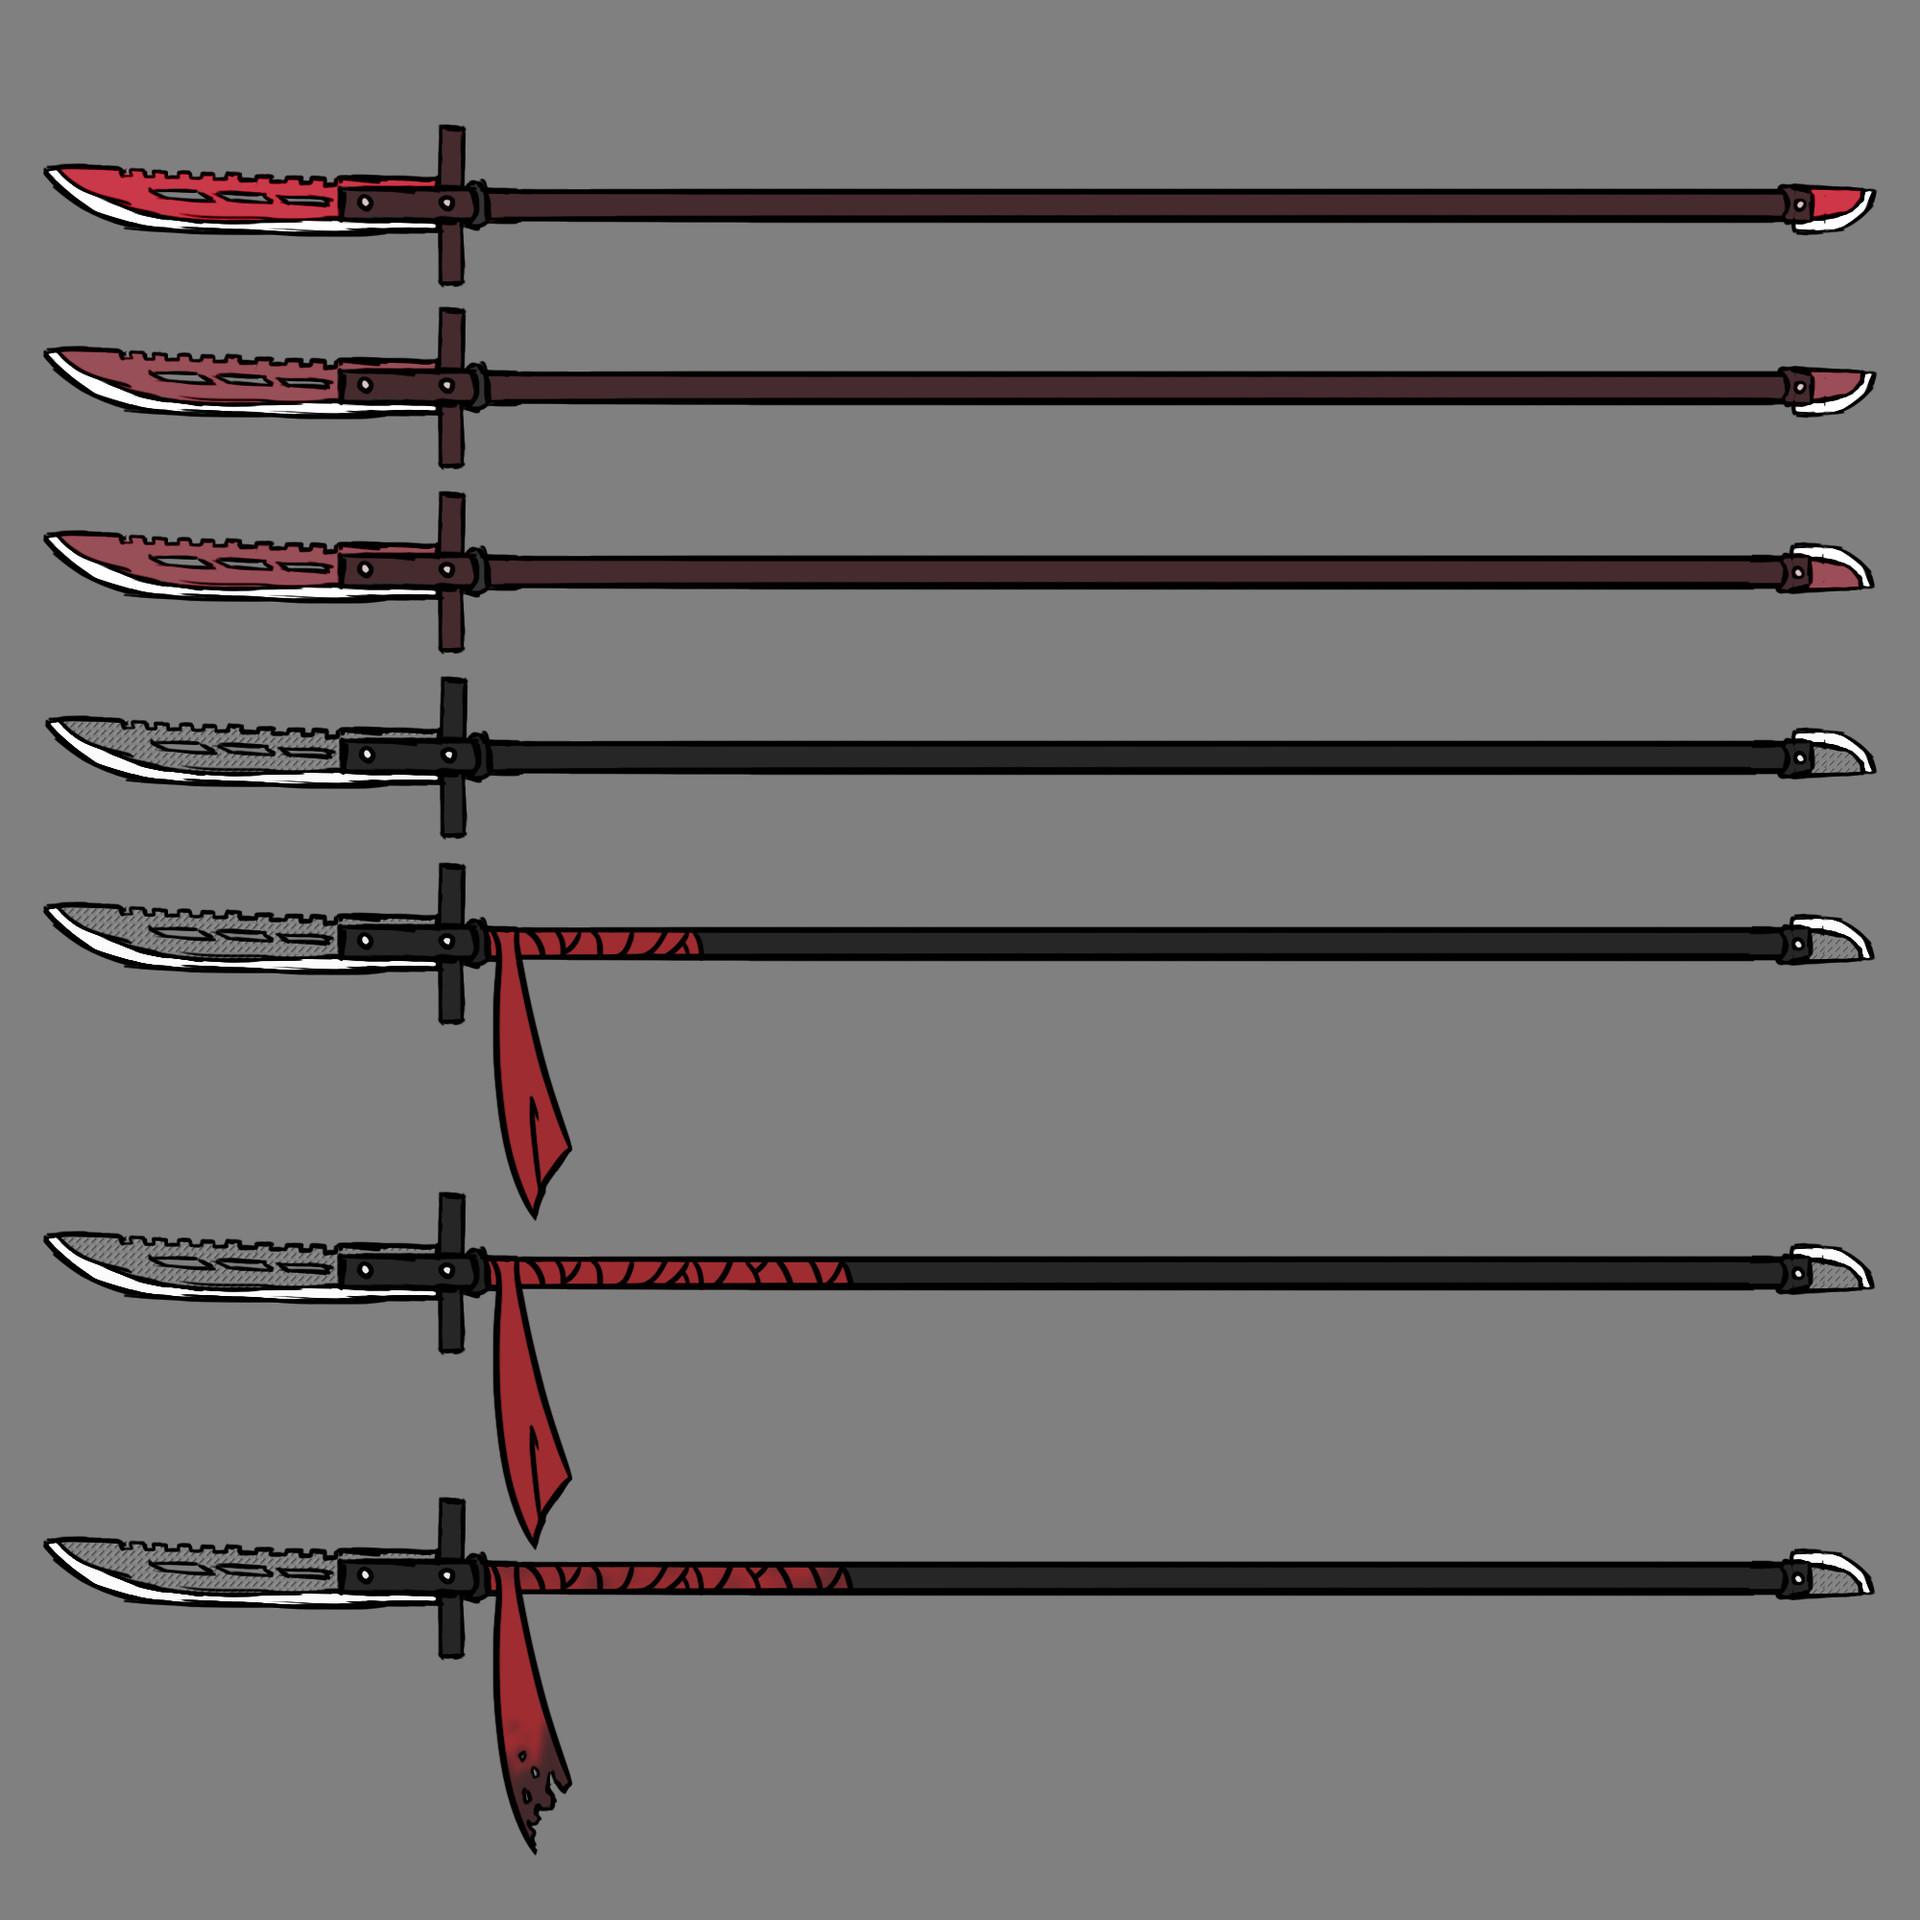 Hannah pallister 20161230 spears 3